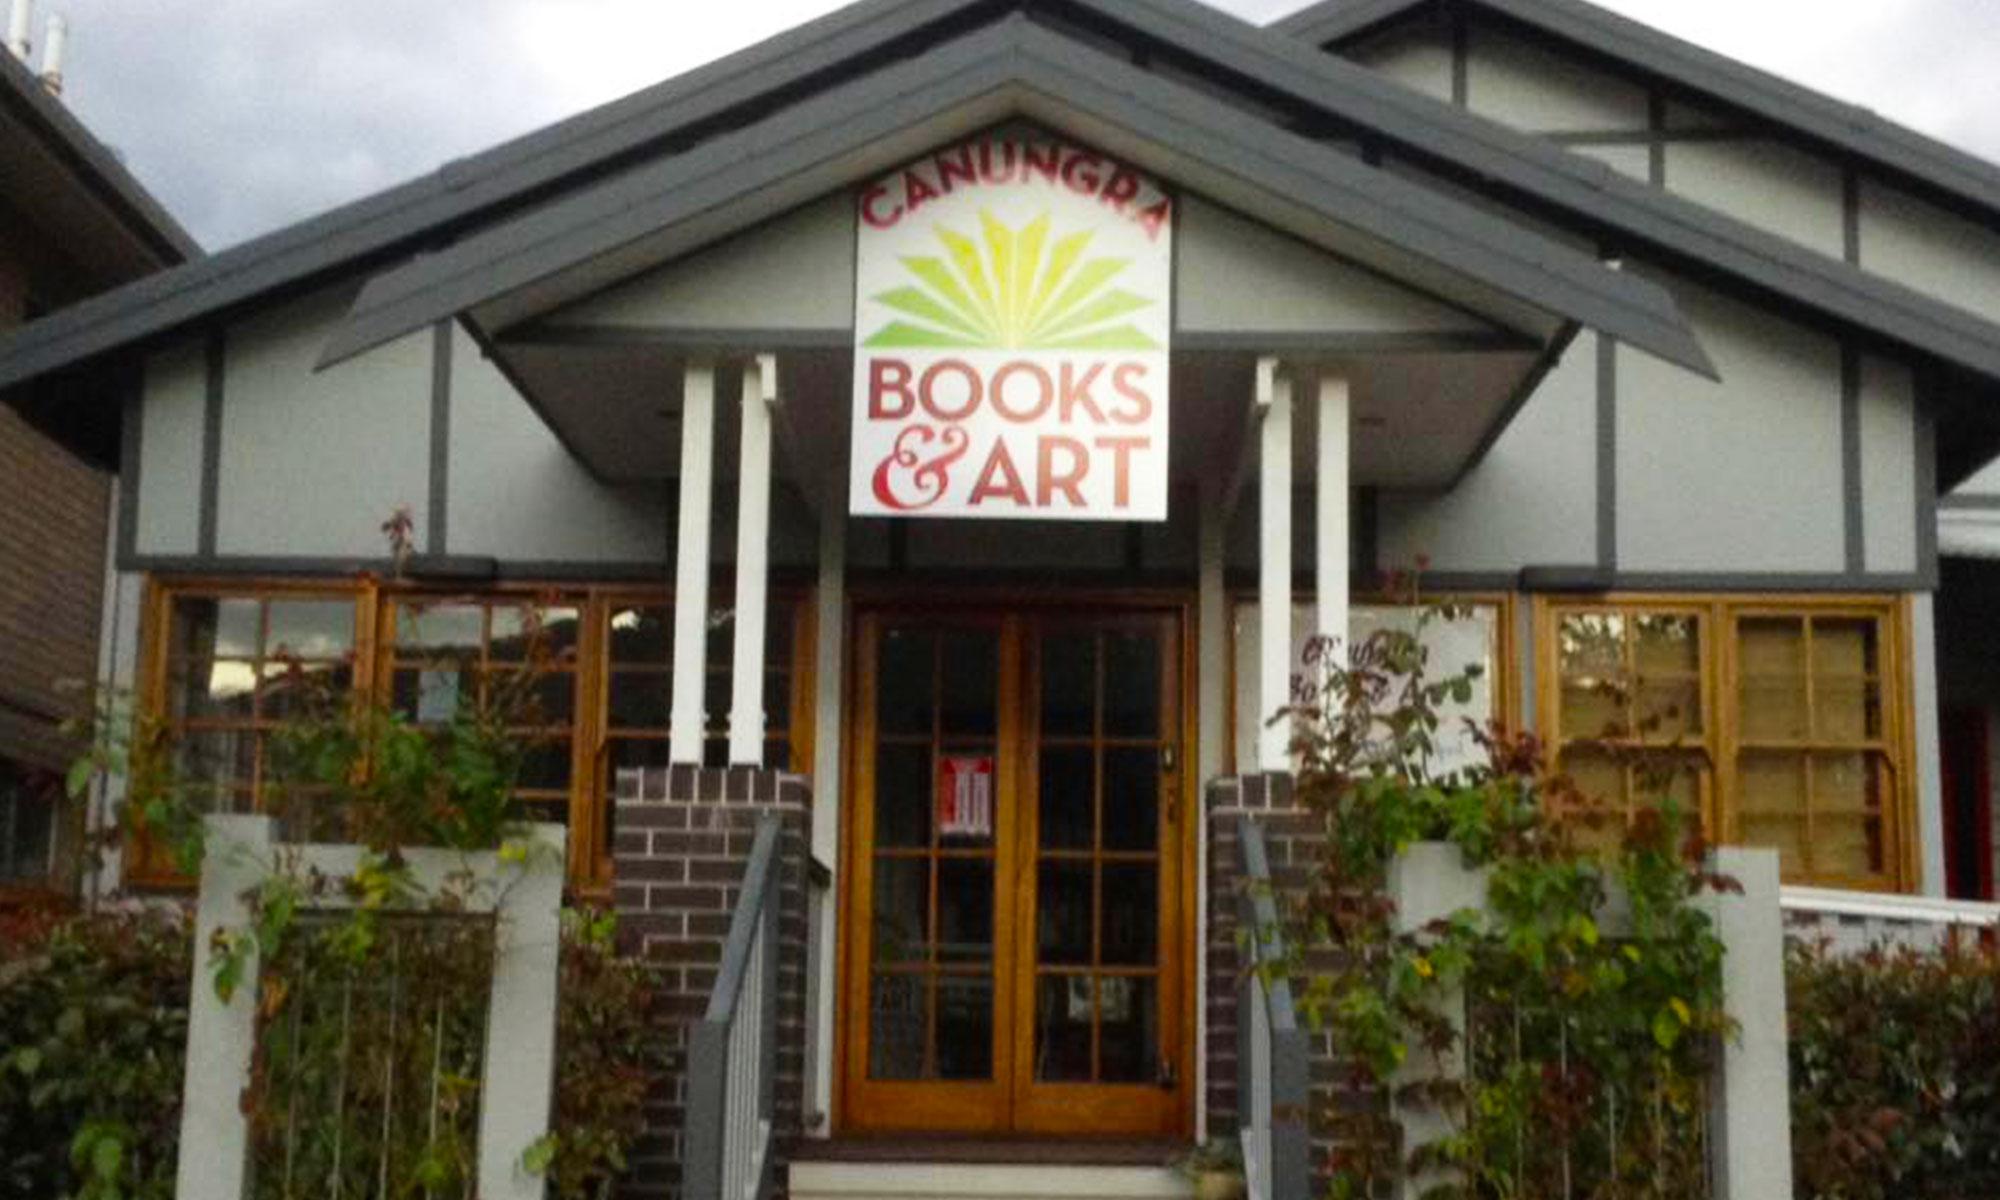 Canungra Books & Art